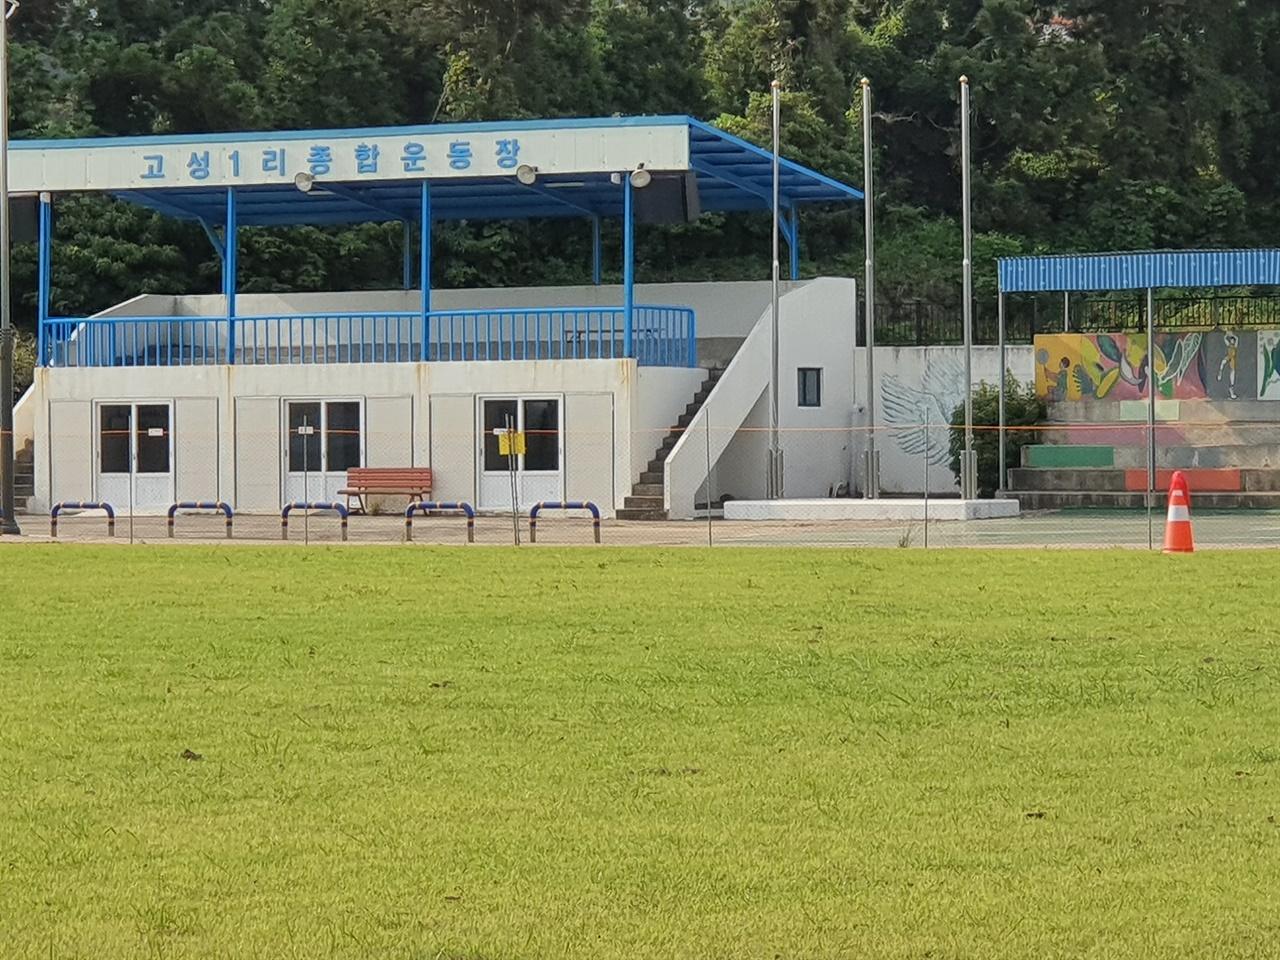 제주의 웬만한 리마다 잔디구장과 관람석이 구비된 자체 운동장을 보유하고 있다.